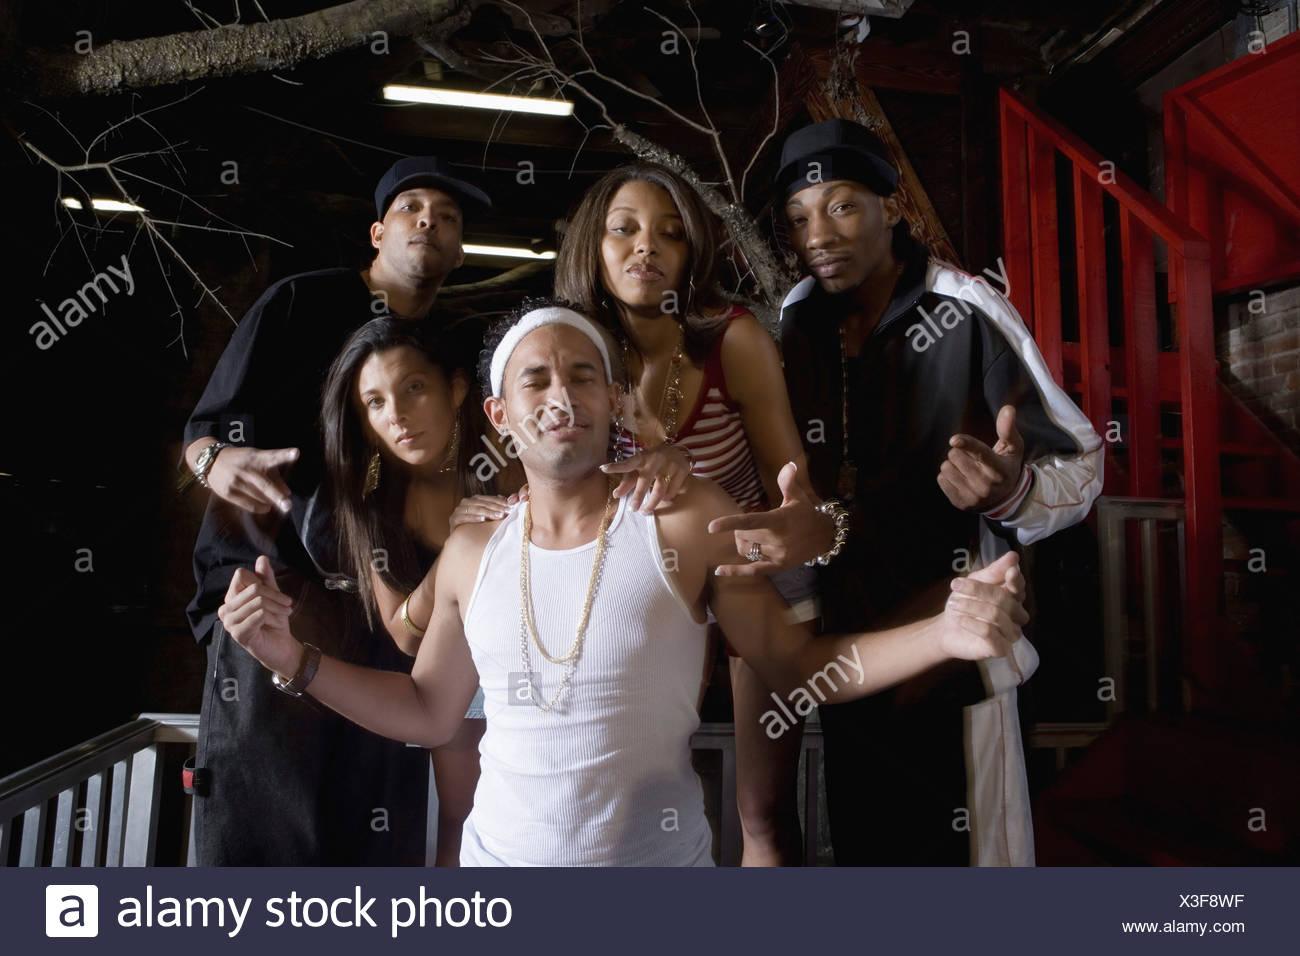 Junge Männer Und Frauen Im Hip Hop Mode Feiern Und Tanzen Stockfoto